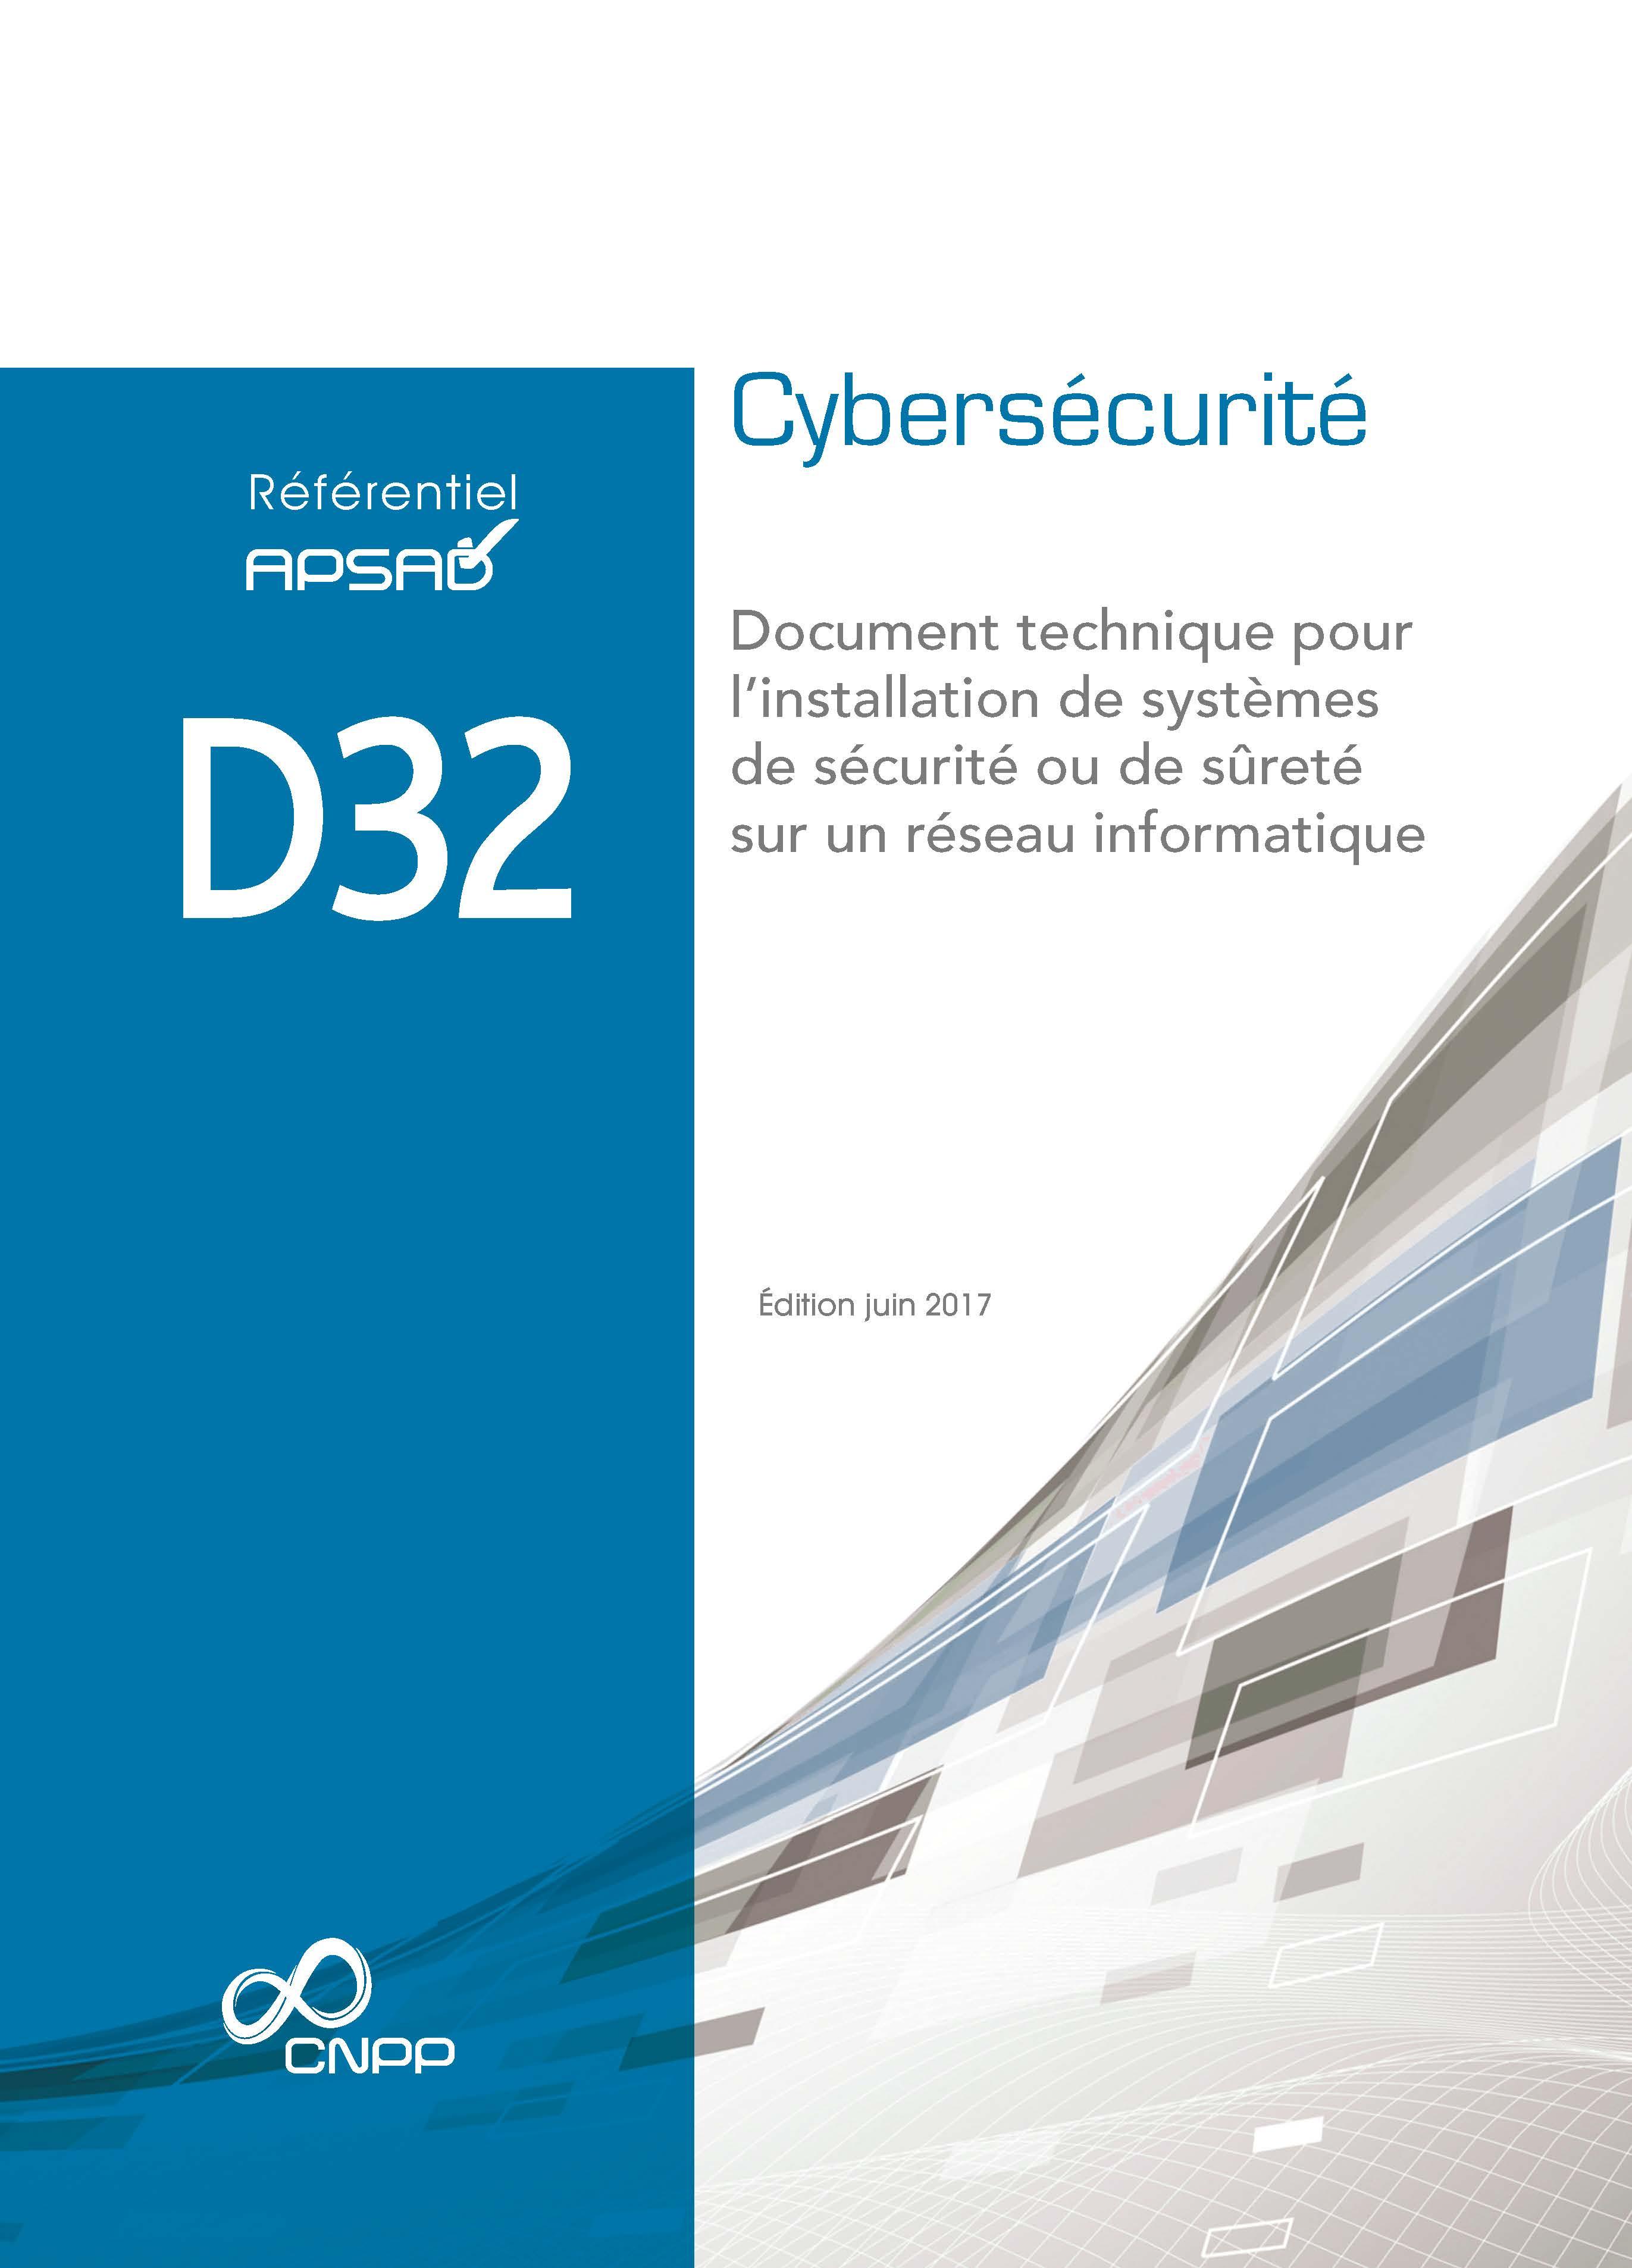 Référentiels APSAD D32 Cybersécurité